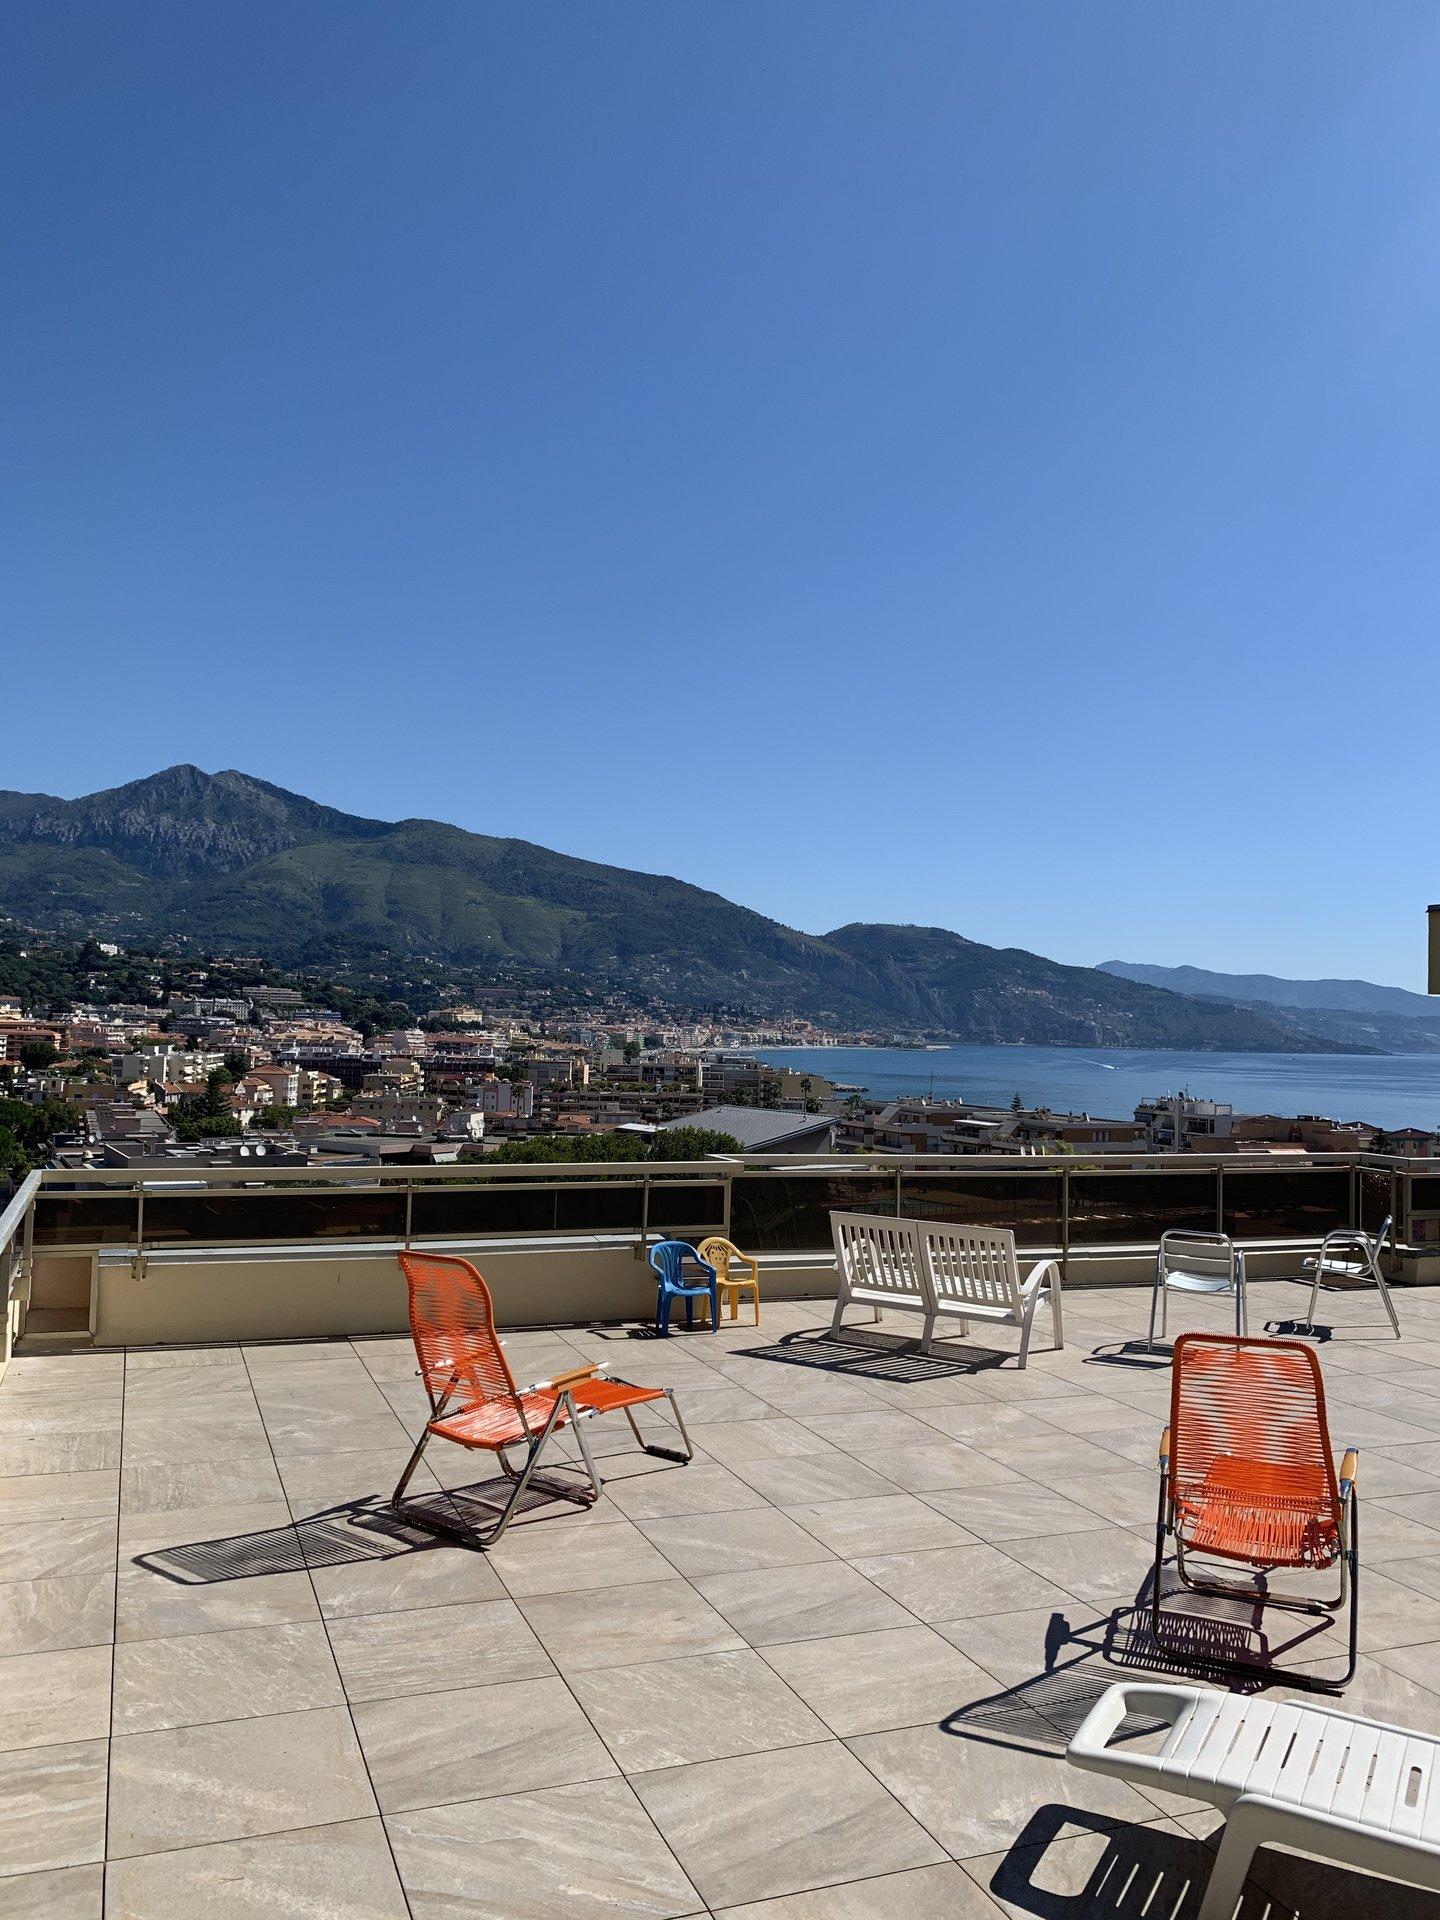 EXCLUSIVITE- Quartier de la Plage- Spacieux T2 avec Balcon et Loggia-Vue mer très dégagée-Parking sécurisée- Cave